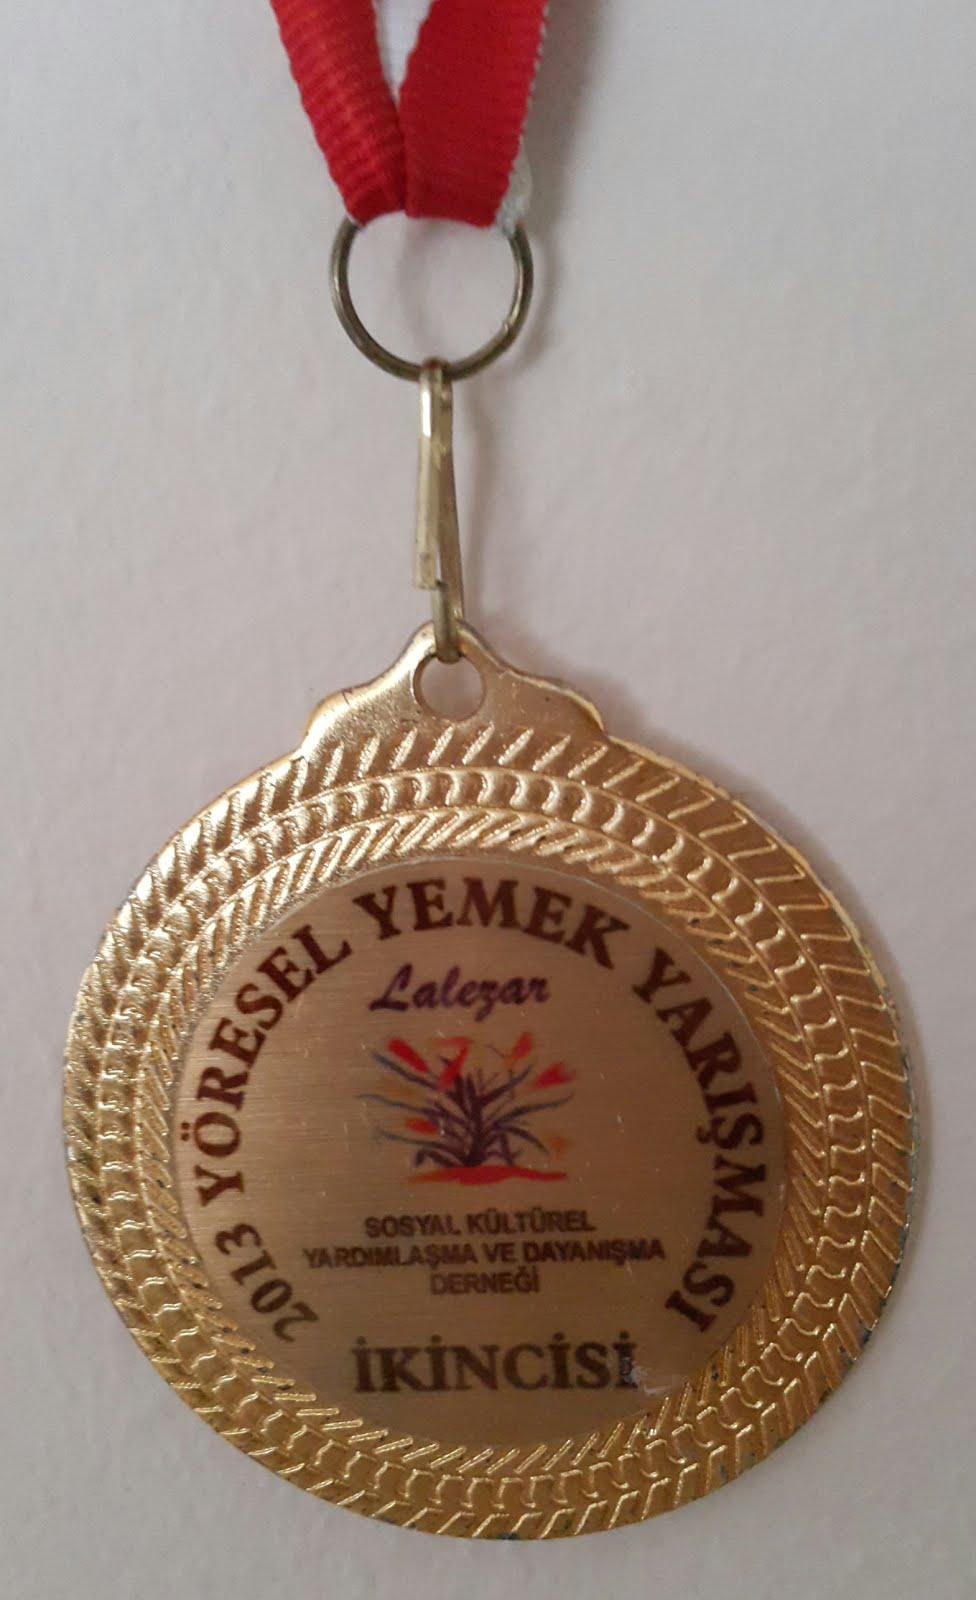 2013 YÖRESEL YEMEKLER SALATA YARIŞMASI ÖDÜLÜM